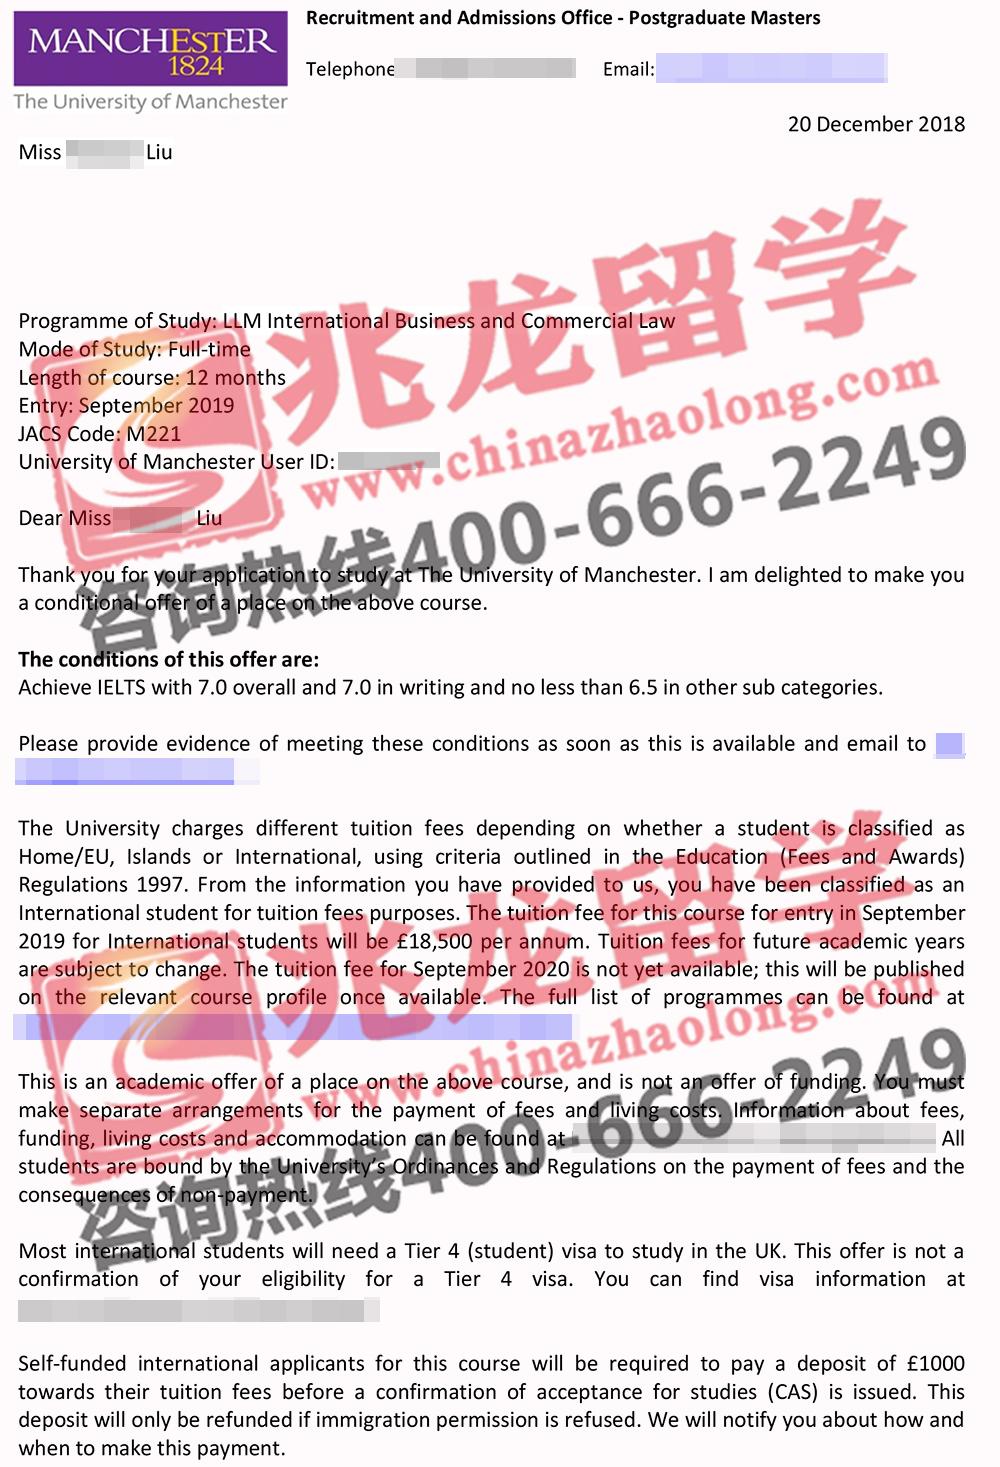 刘xingjian曼彻斯特大学国际商务开与商业法-有条件offer-兆龙留学.jpg